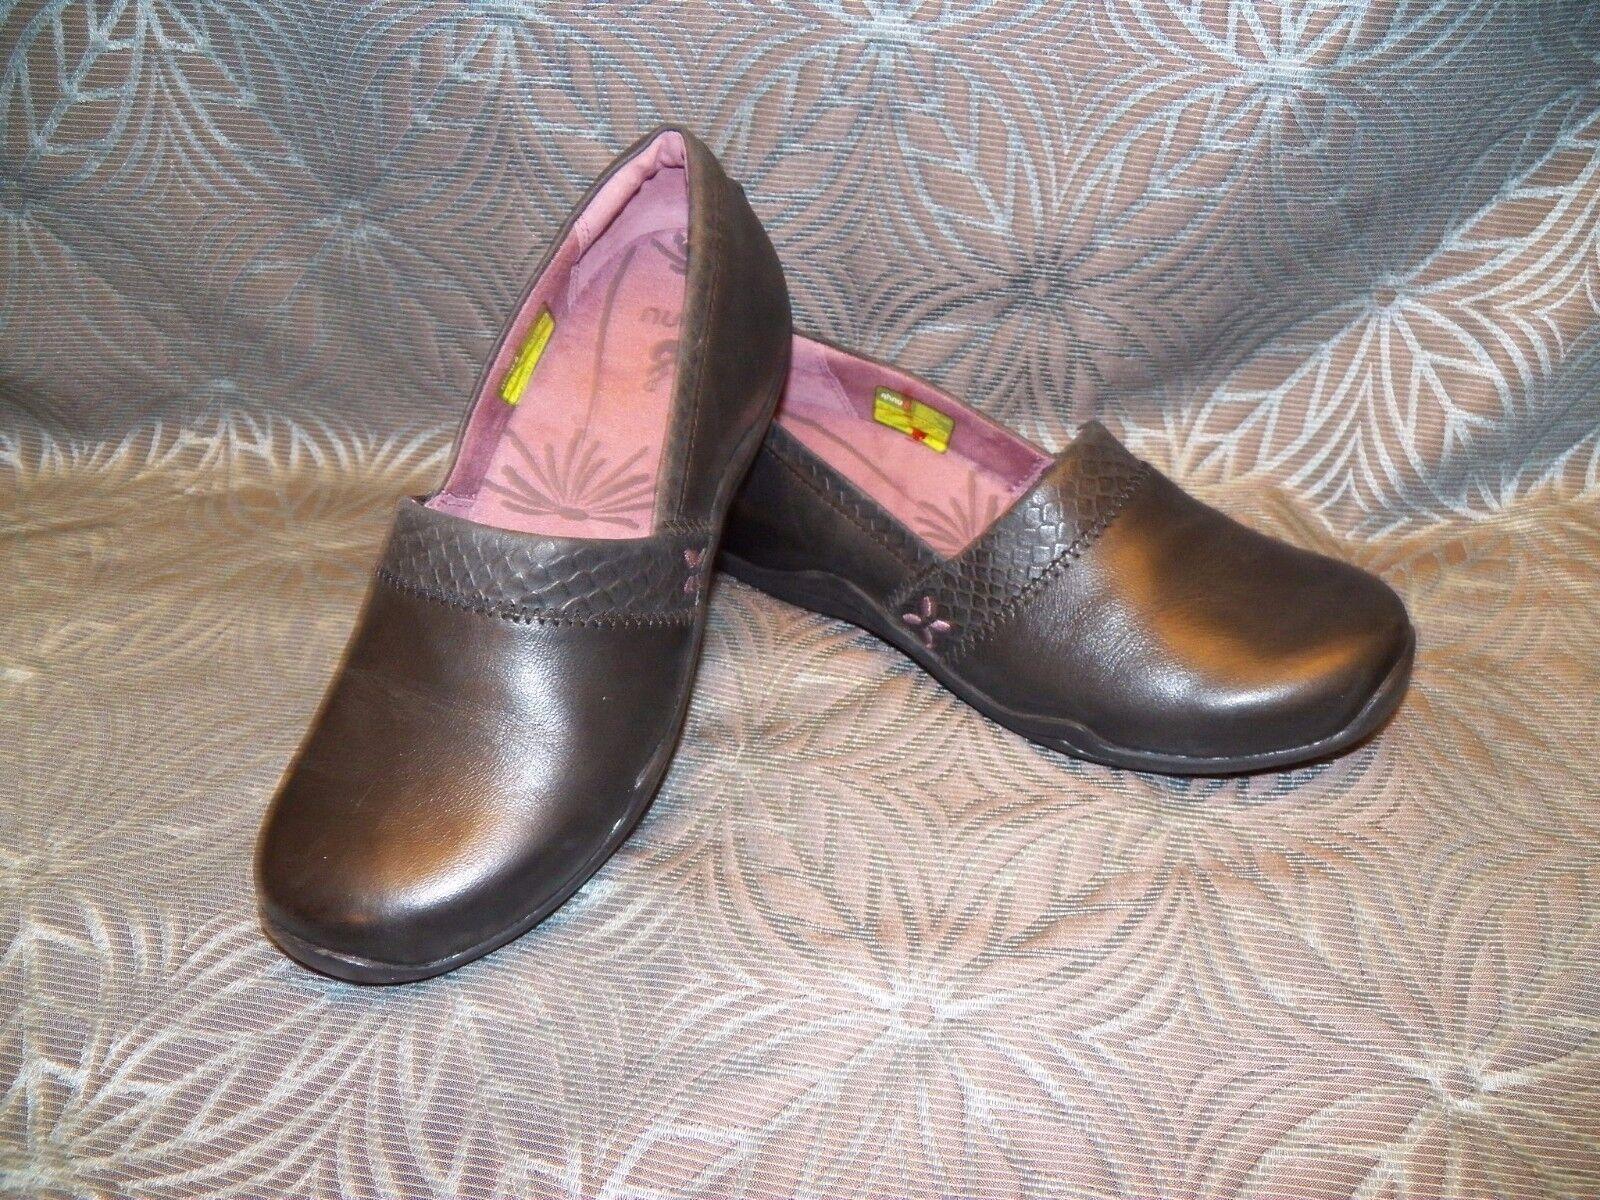 Nuevo para mujer Ahnu Jackie Reptil Reptil Reptil Cuero Negro Alpargatas mocasín Zapato Slip On  Ahorre hasta un 70% de descuento.